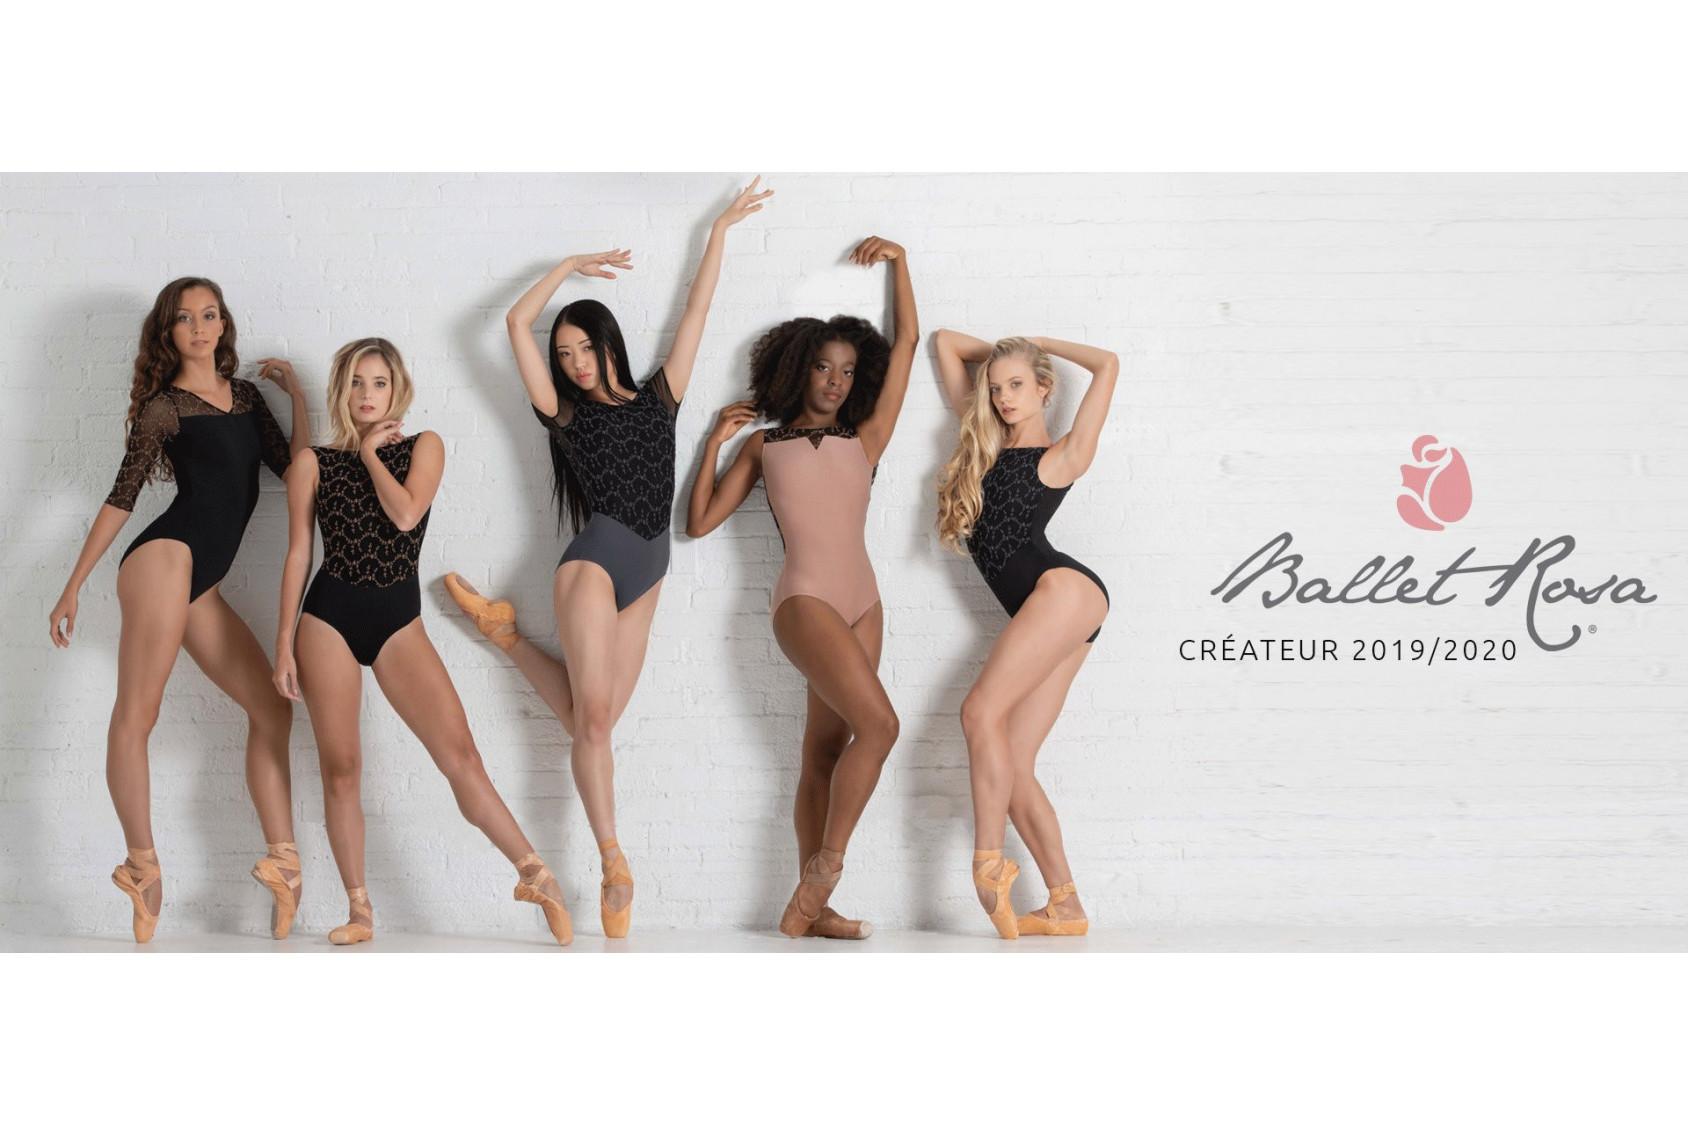 Collection Ballet Rosa Créateur